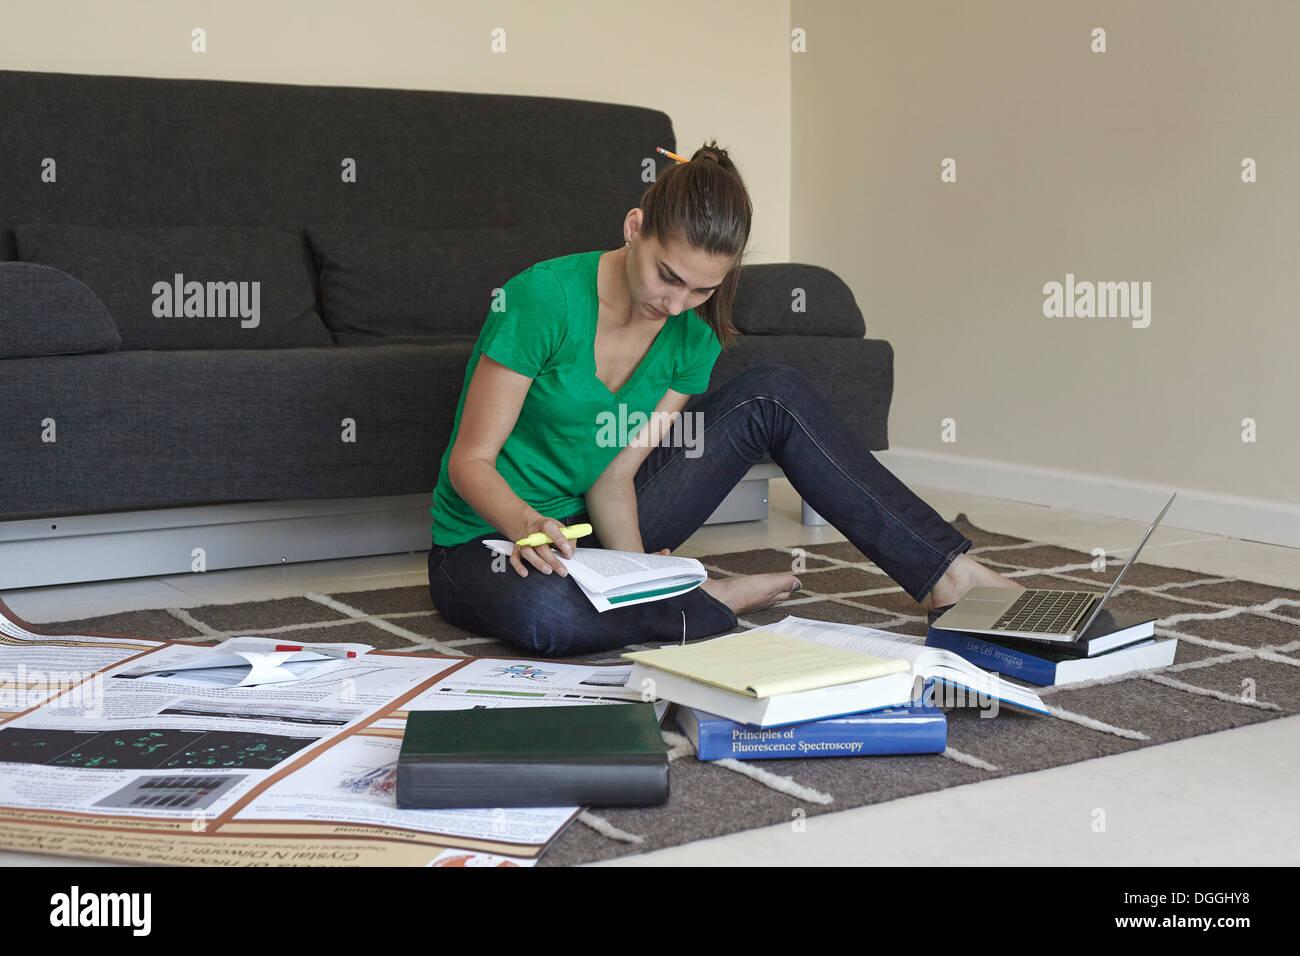 Mid adult woman sitting on floor étudiant Banque D'Images